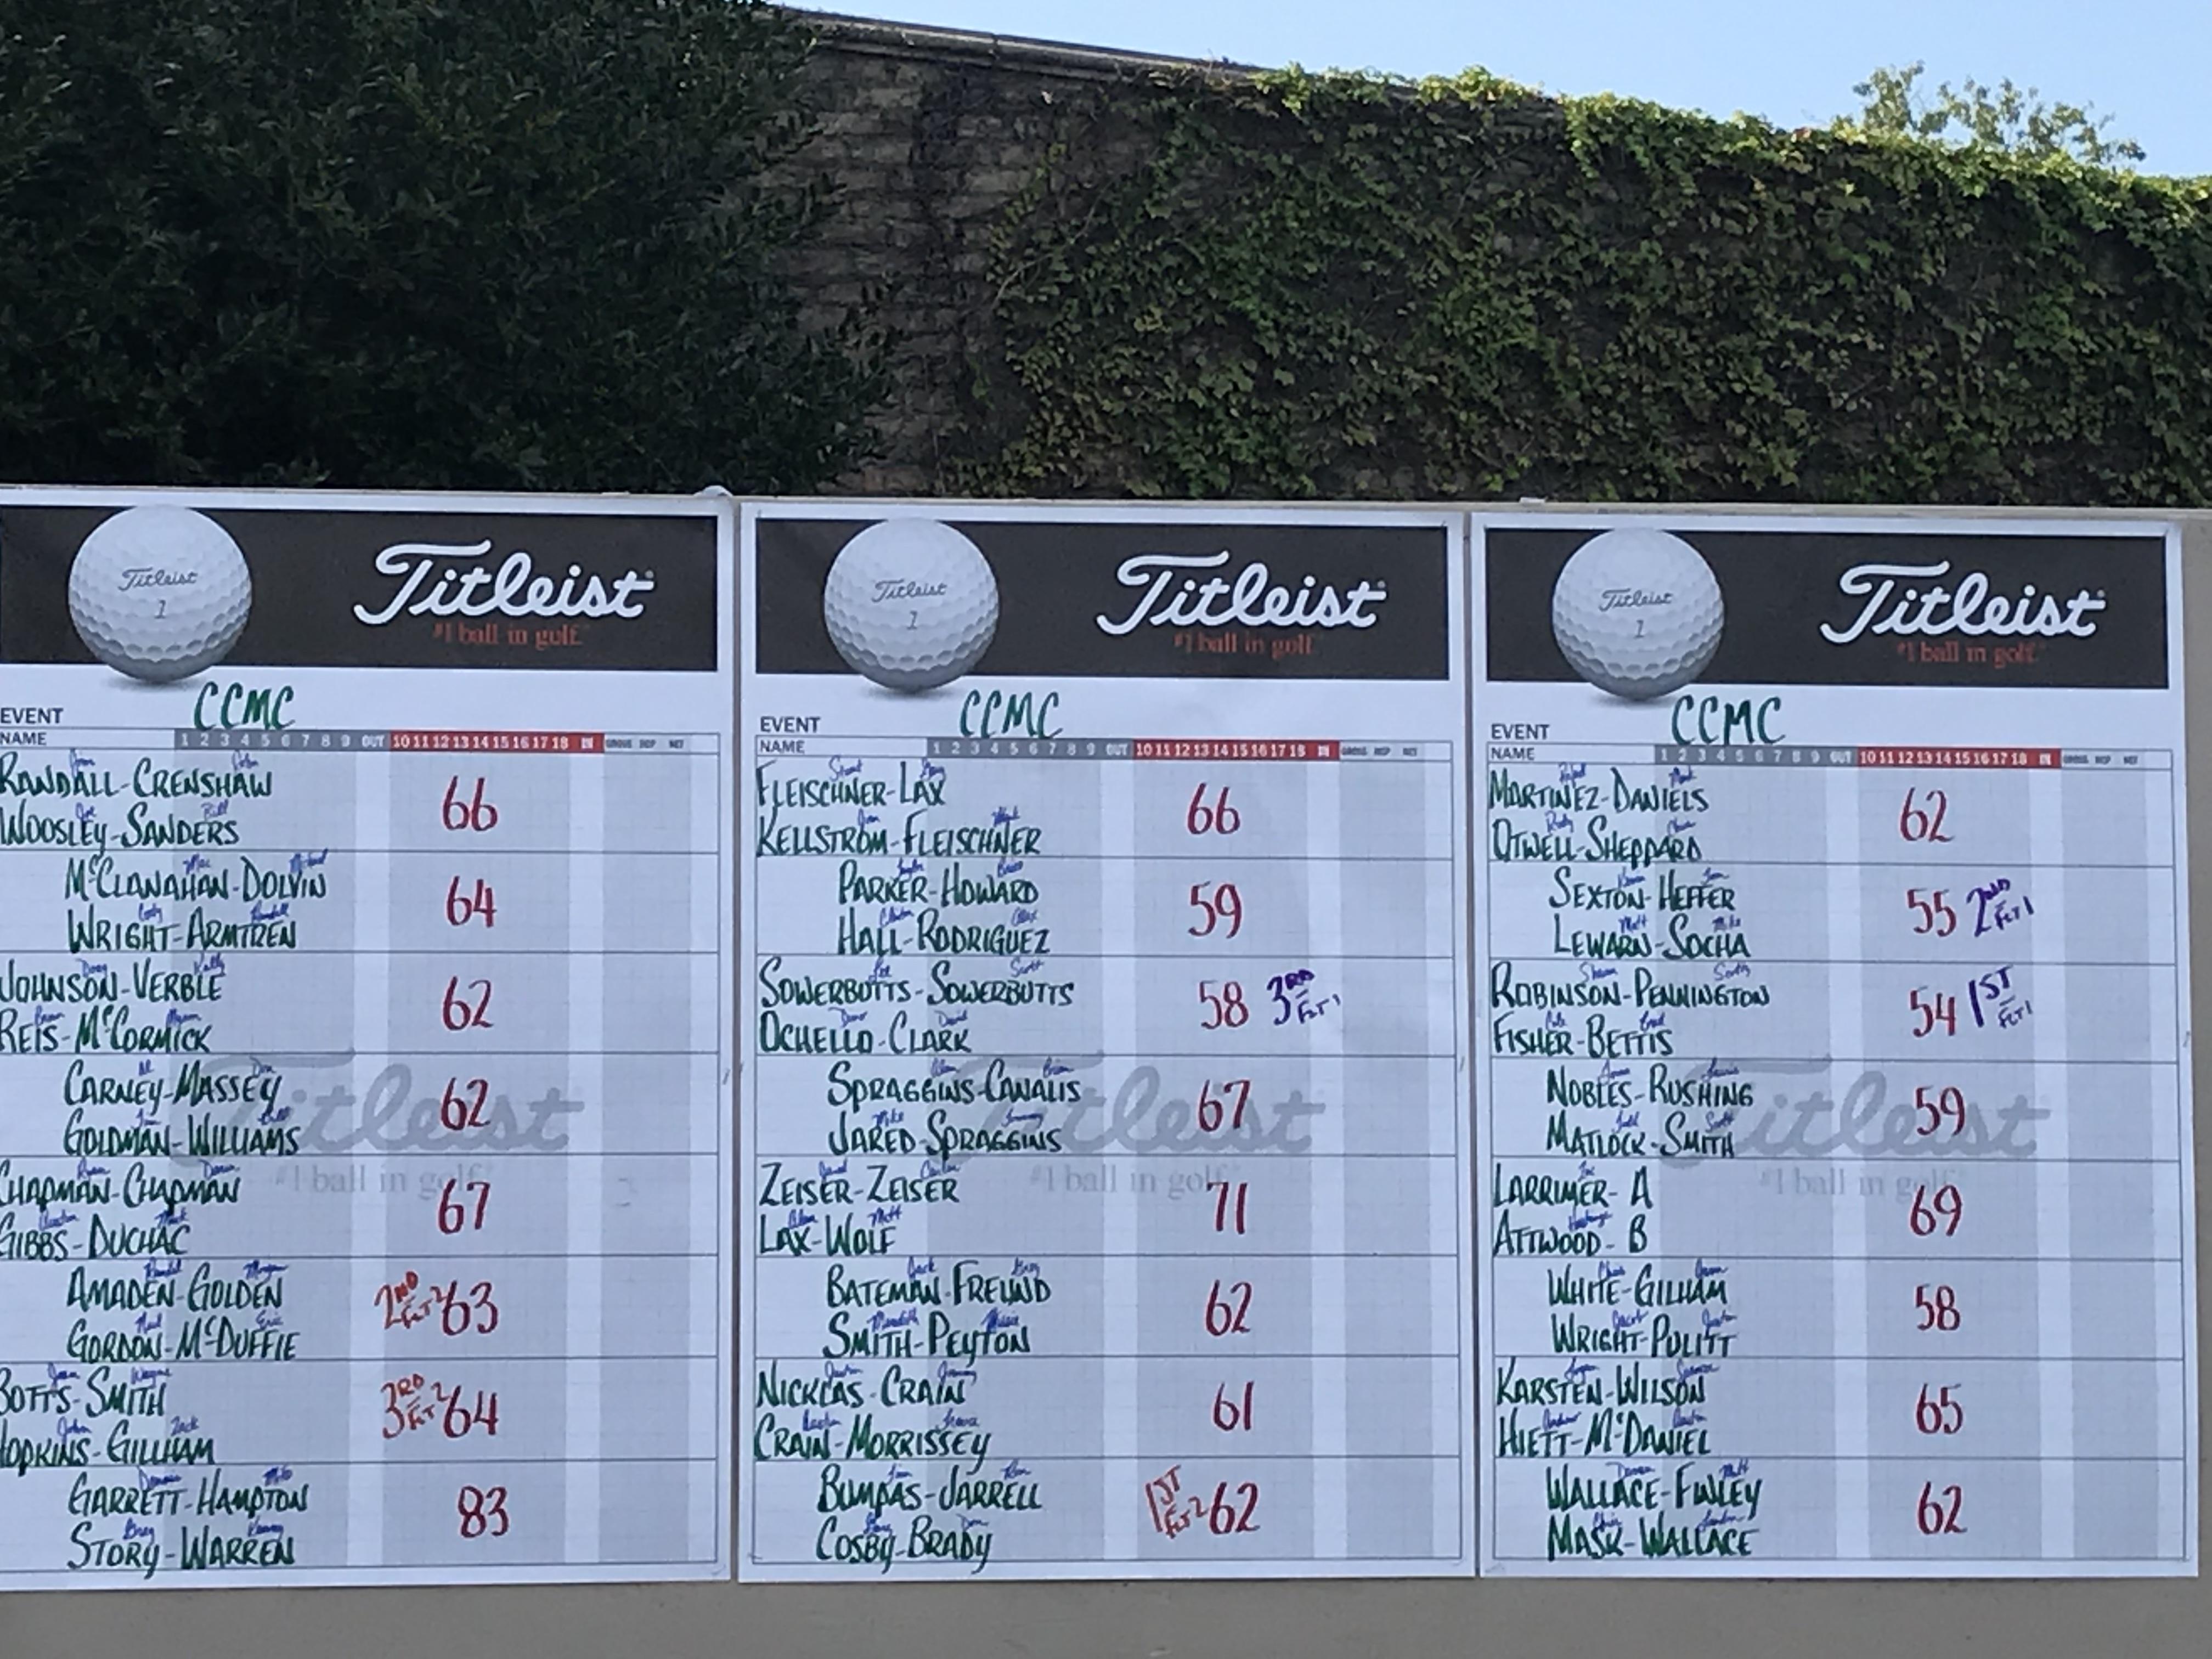 2019 Golf Classic Final Scoreboard